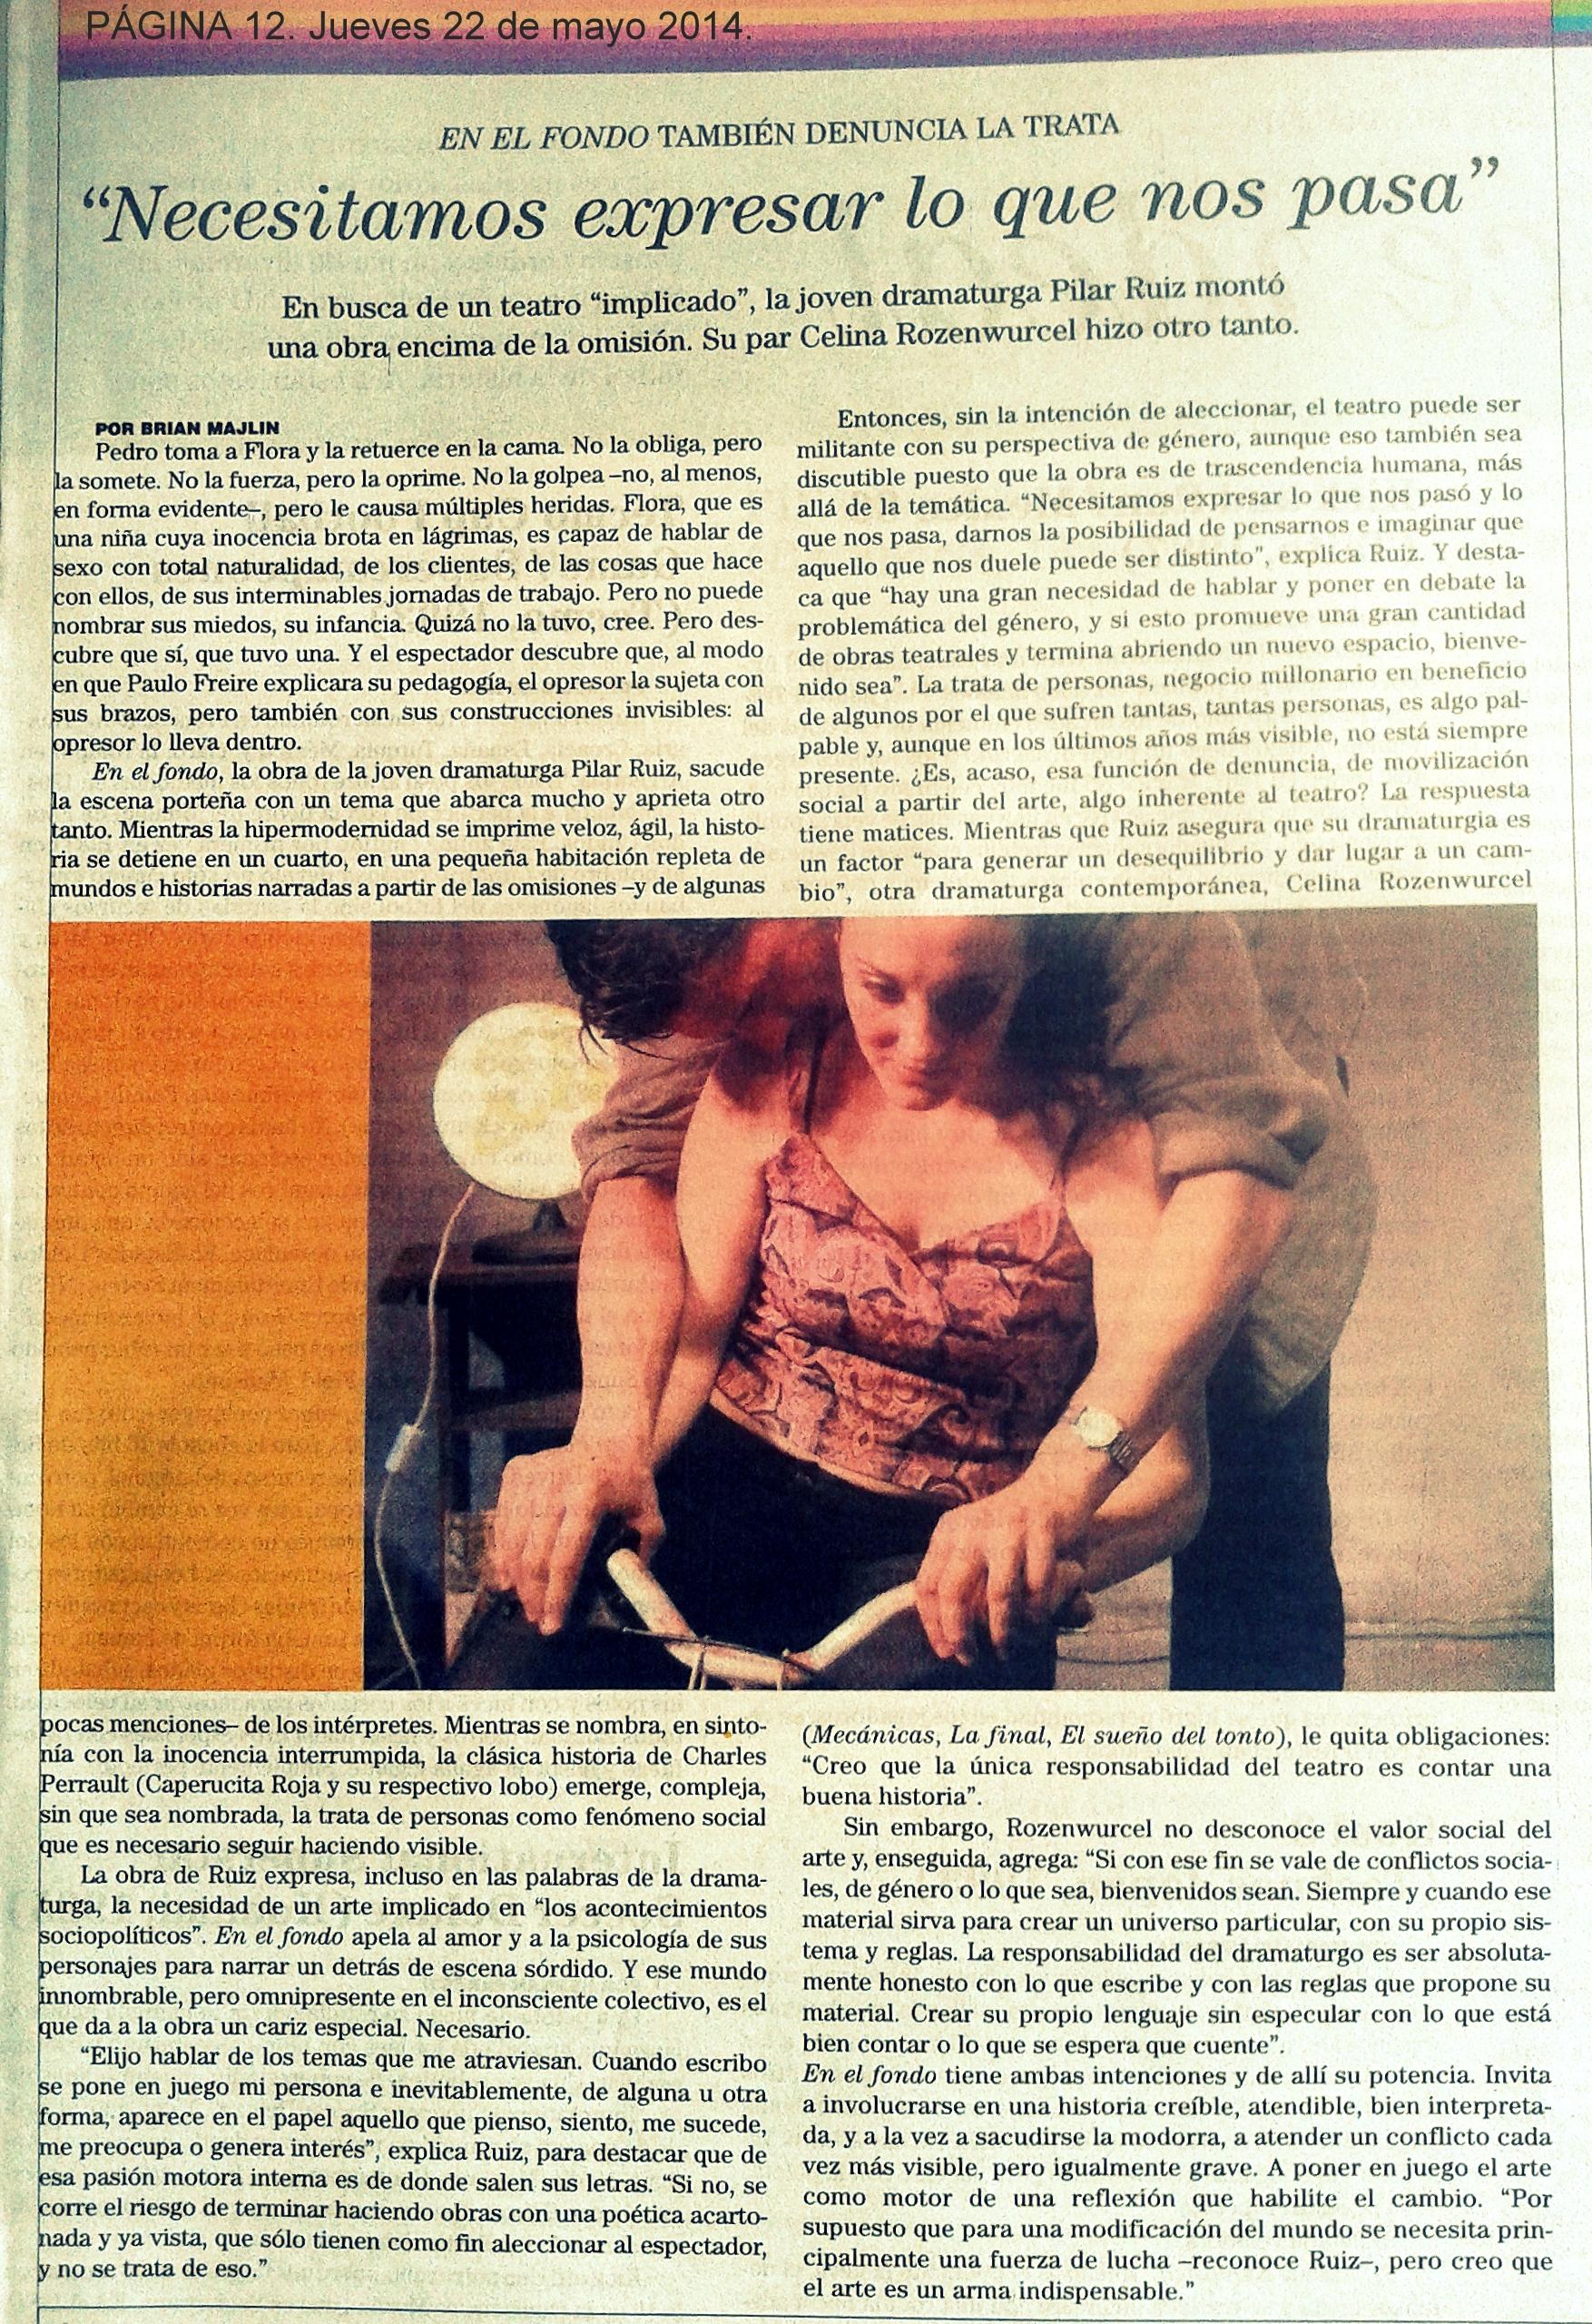 PÁGINA 12. Suplemento NO